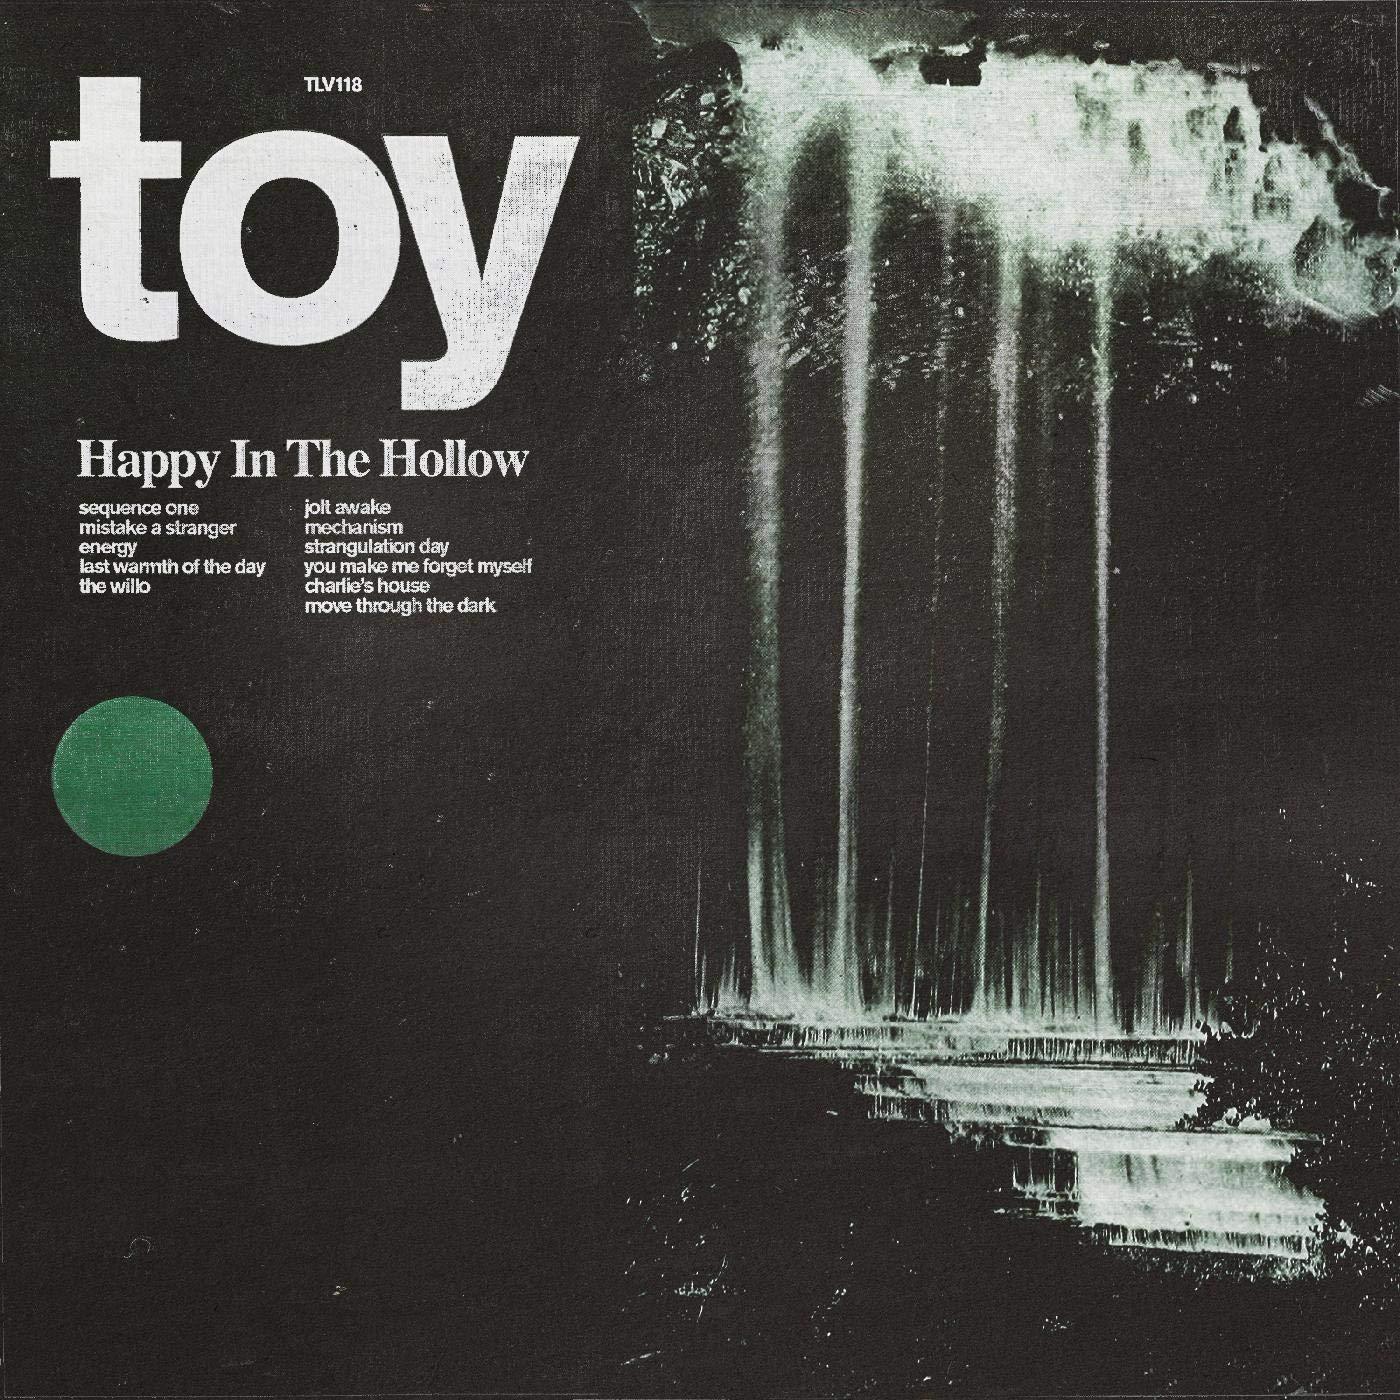 Vinilo : Toy - Happy In The Hollow (LP Vinyl)